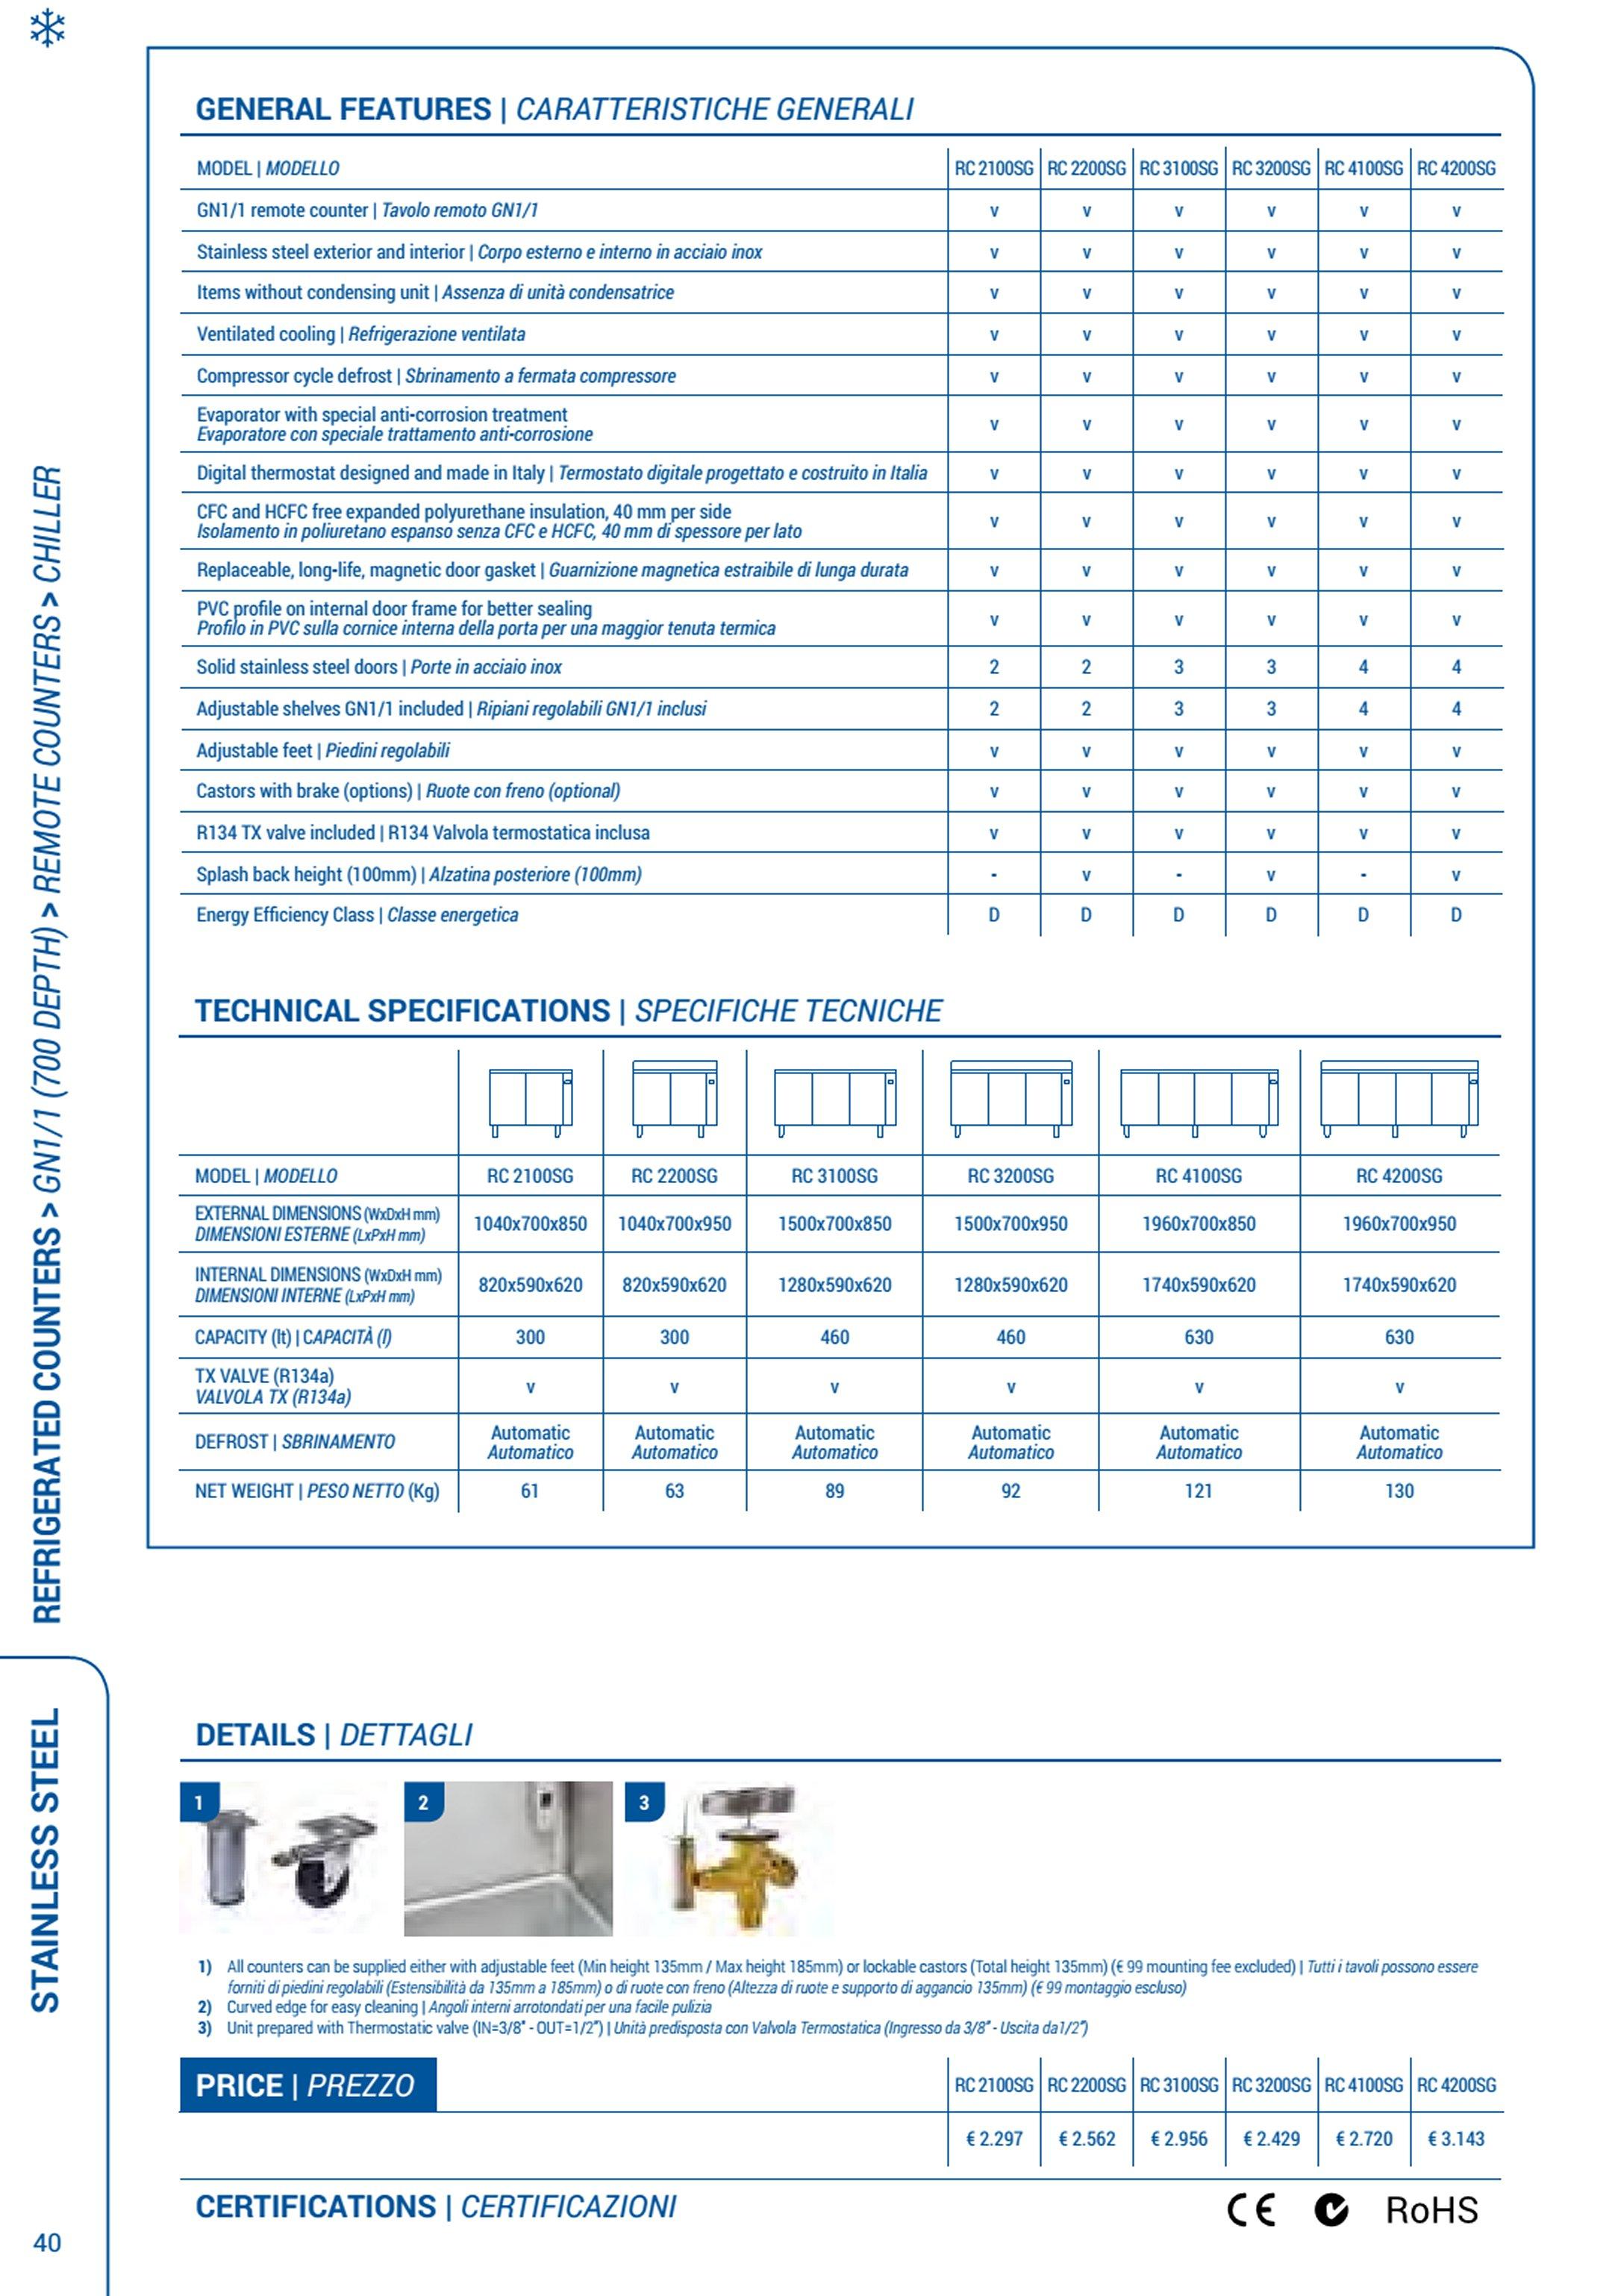 Tavolo refrigerato tre porte RC 3200SG motore remoto 0/+8 ...